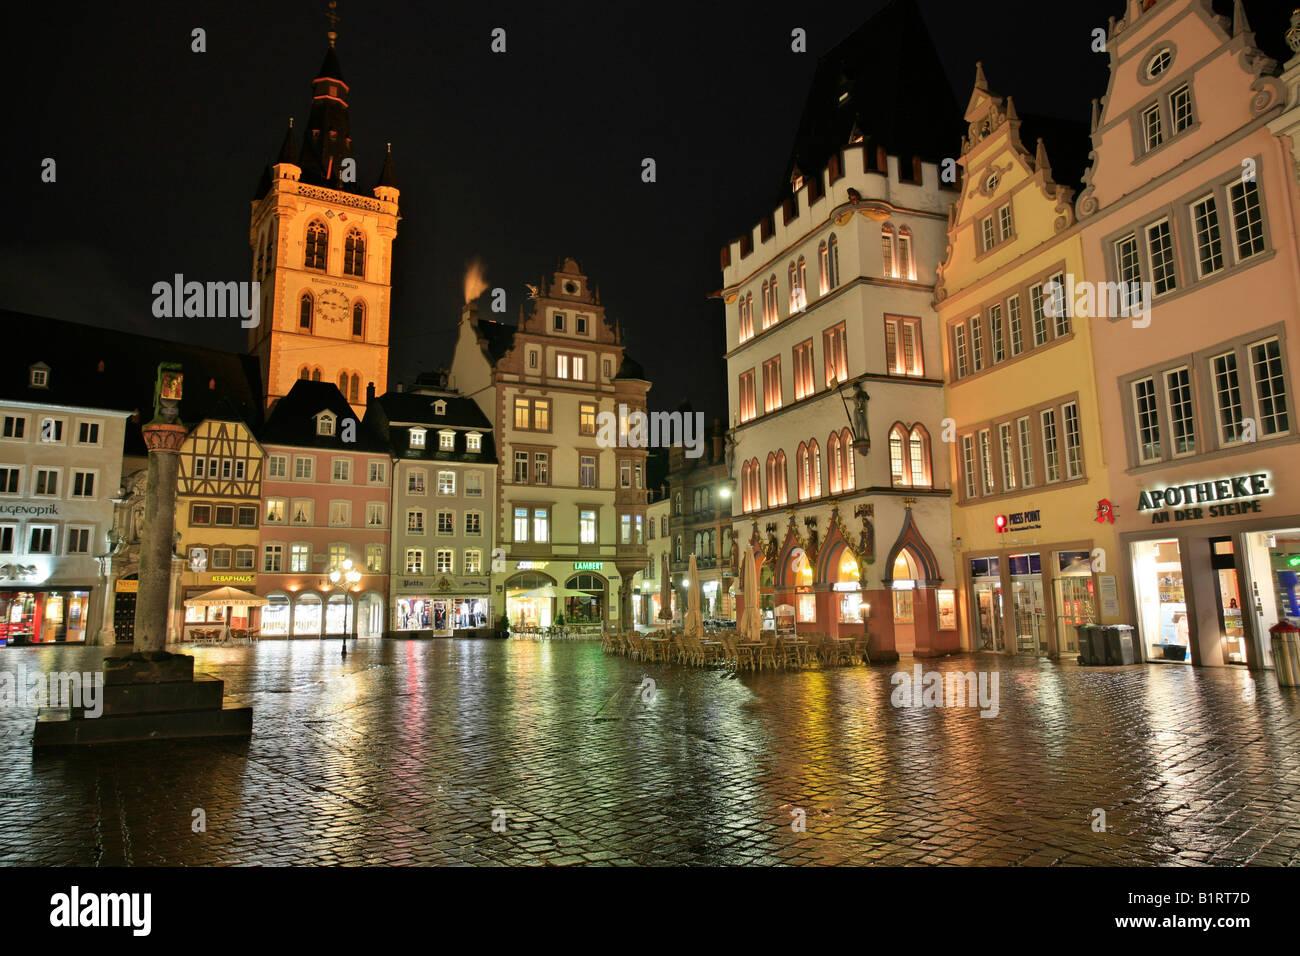 Plaza del mercado, la Iglesia de San Gangolf, el mercado y la cruz Steipe en la ciudad romana de Tréveris, Renania-Palatinado, Germen Foto de stock